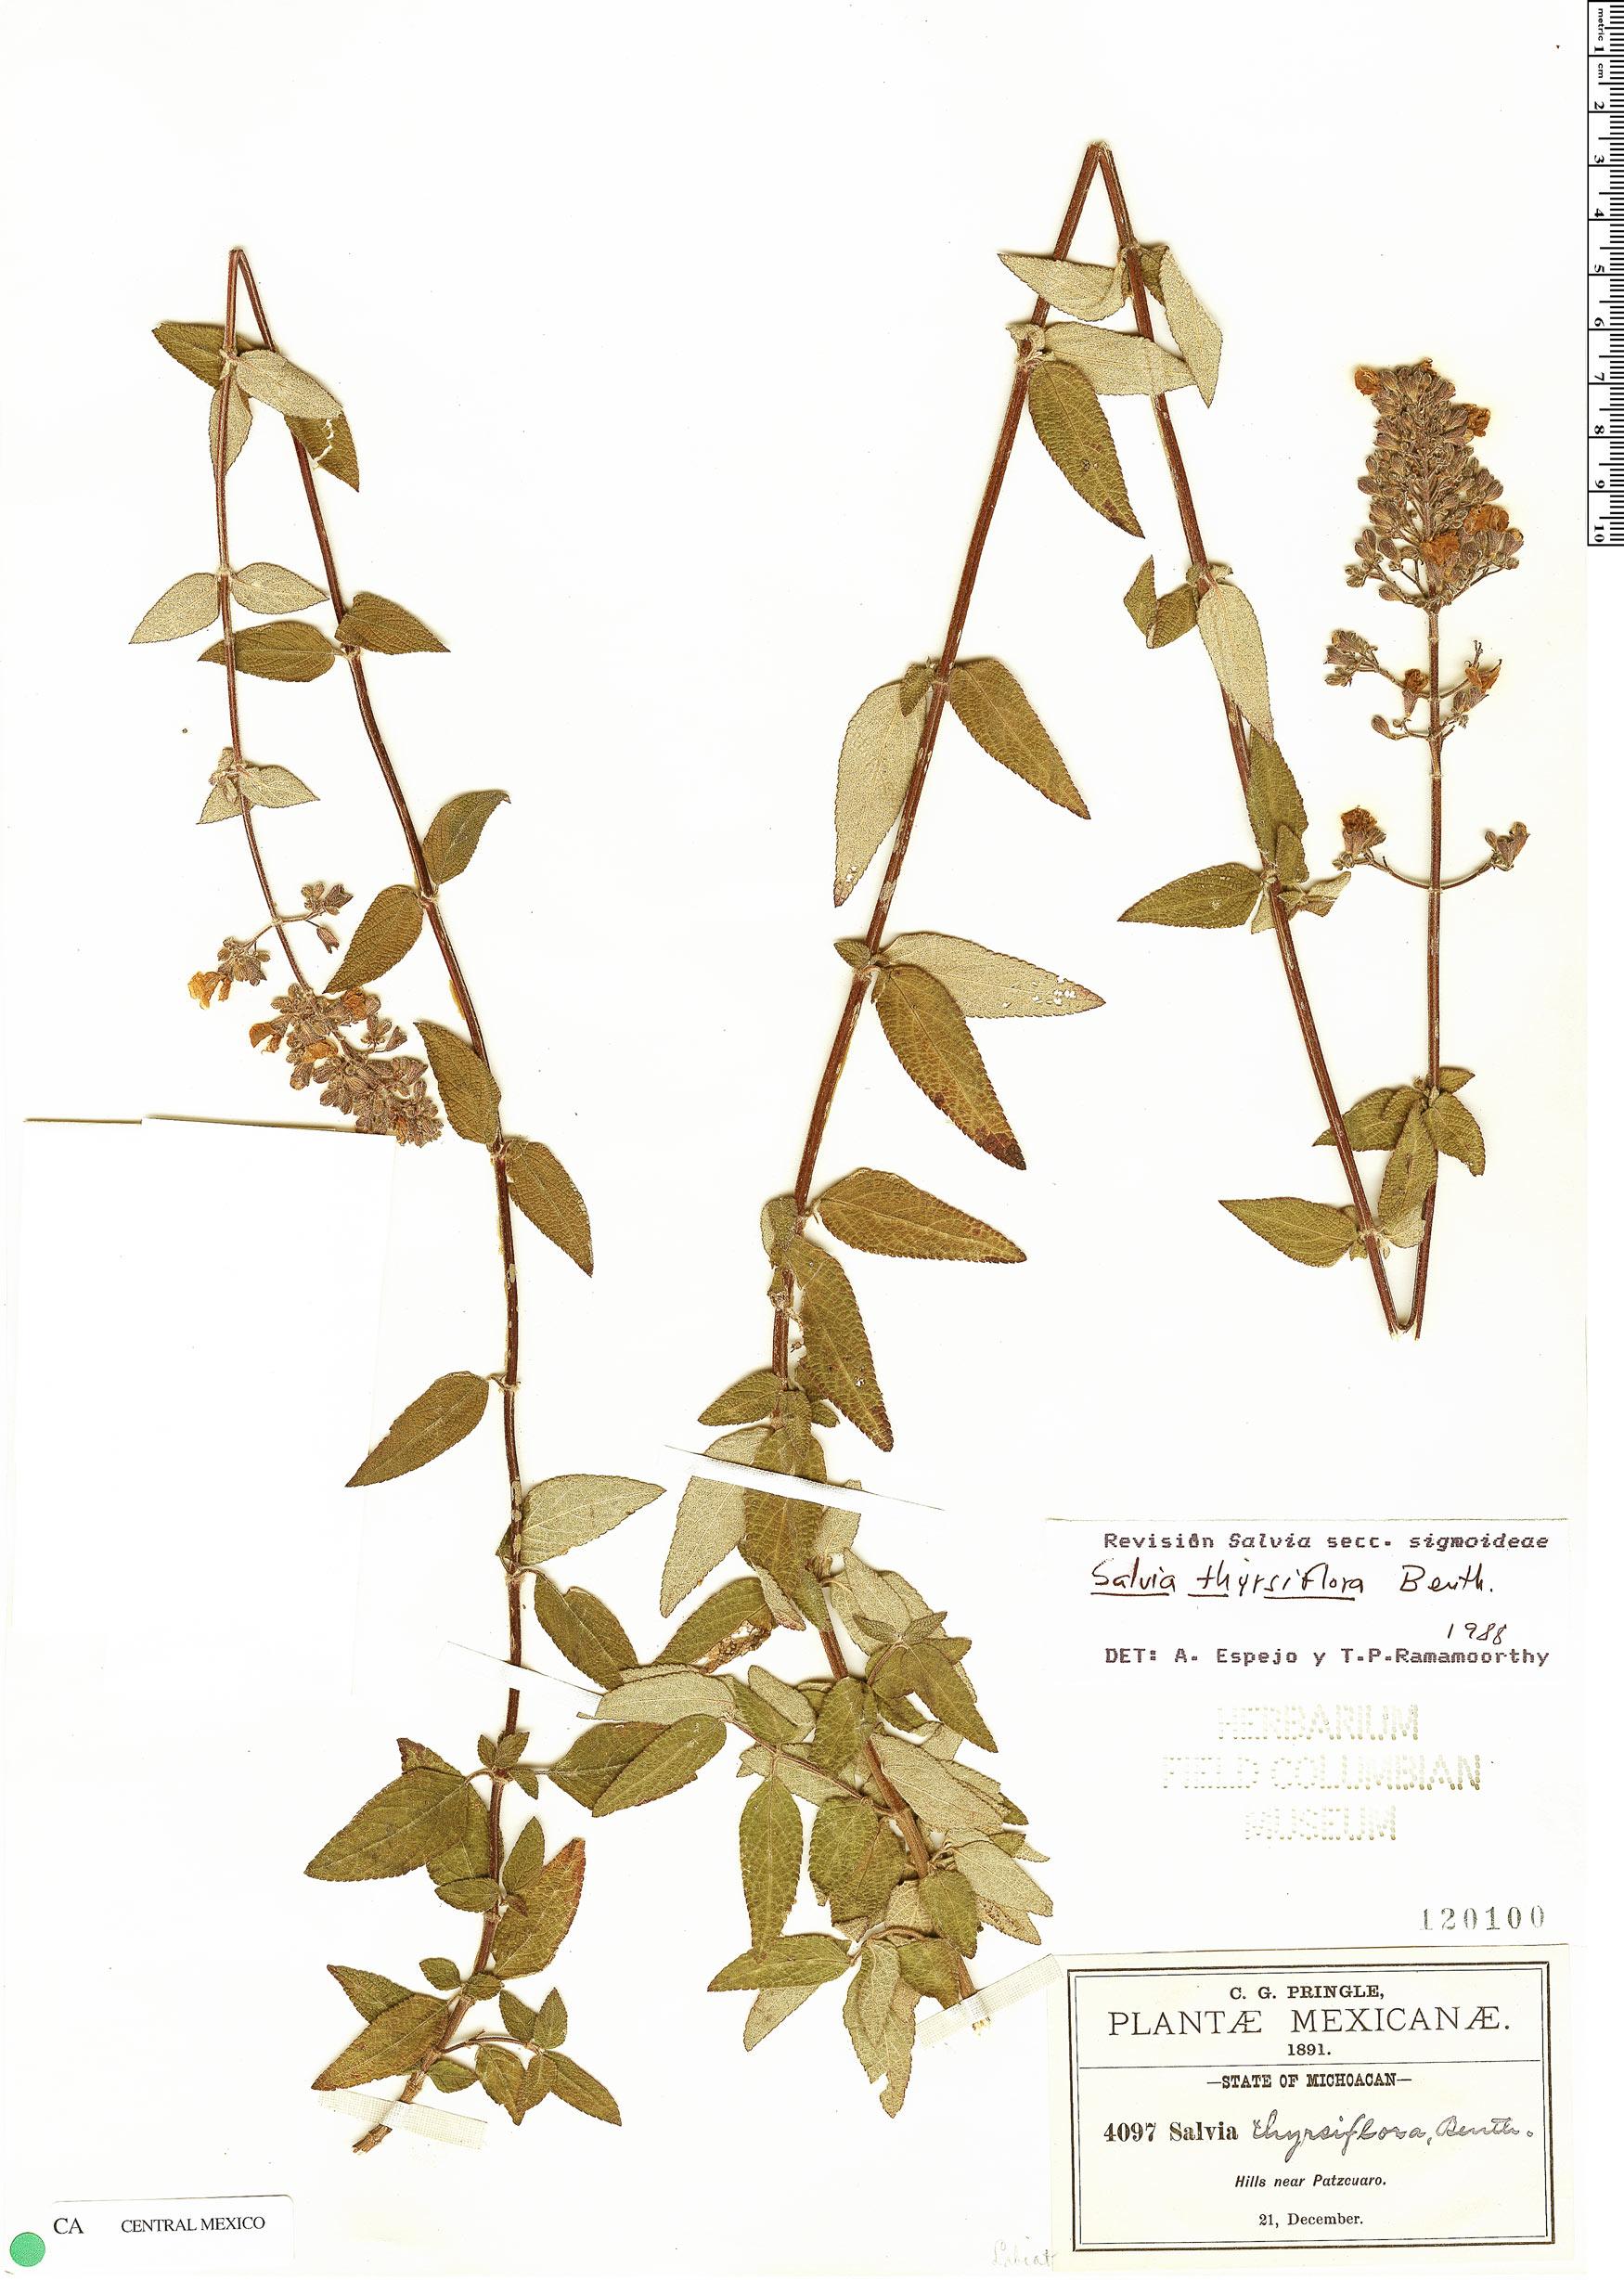 Specimen: Salvia thyrsiflora